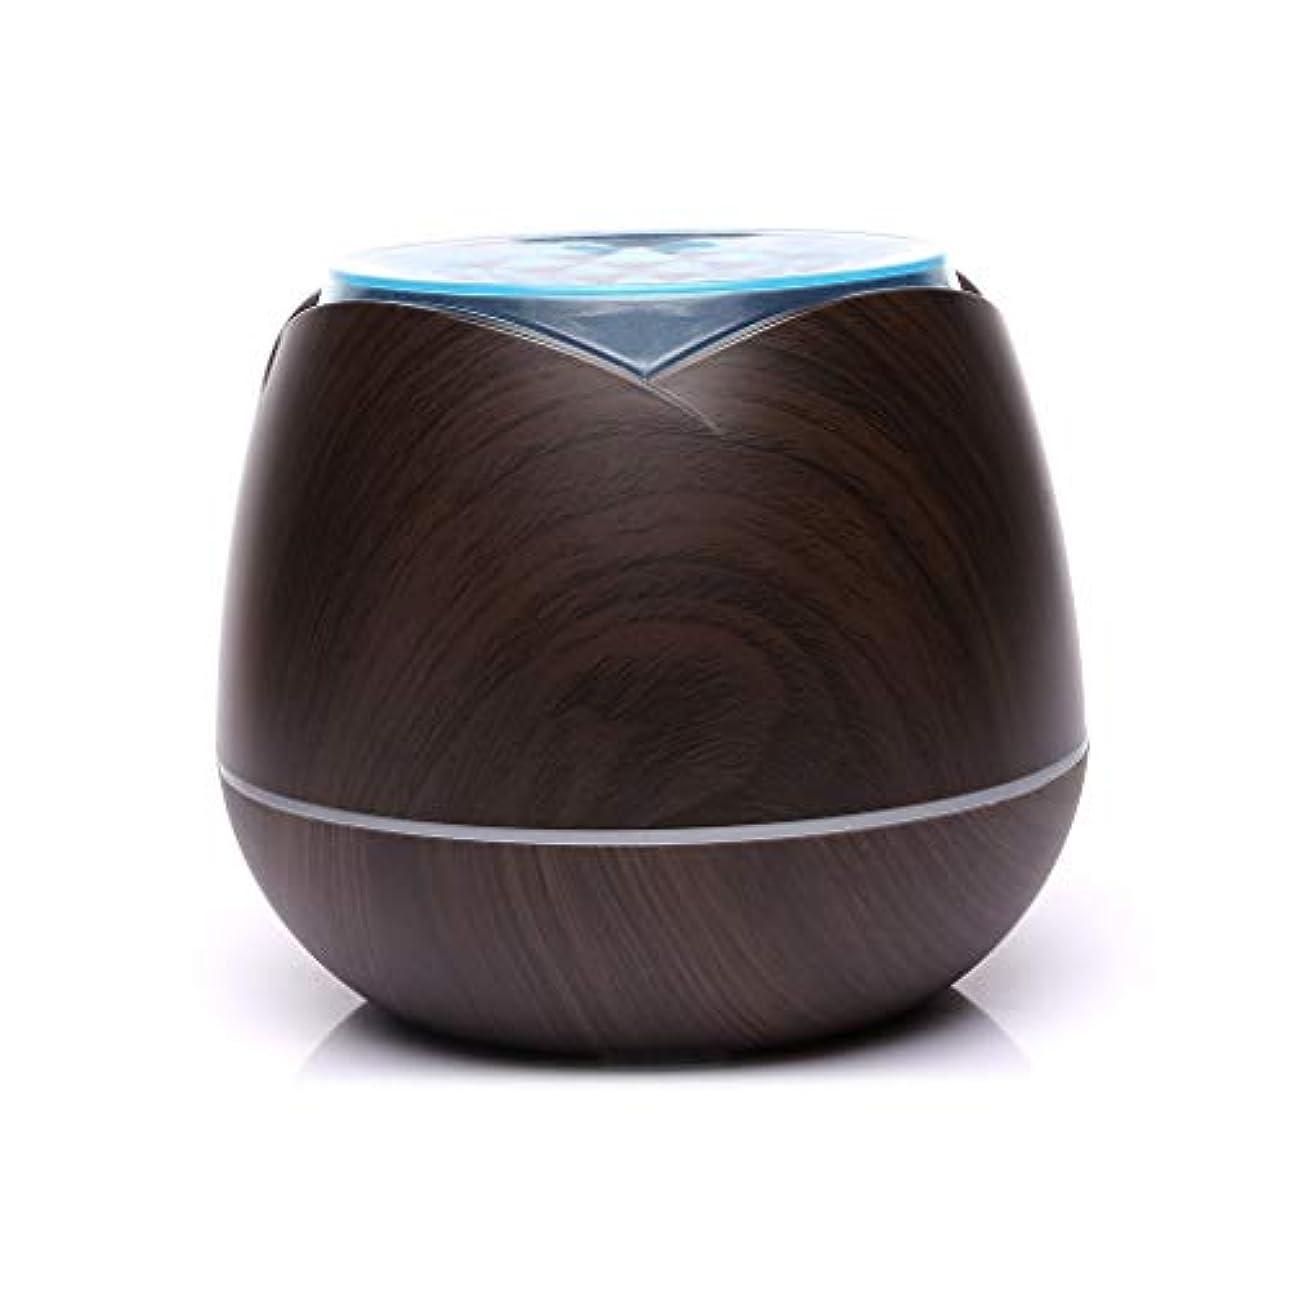 蓋ブレスクリップ涼しい霧の空気加湿器、家、ヨガ、オフィス、鉱泉、寝室のために変わる色LEDライトと超音波400ml - 木目 - (Color : Dark wood grain)